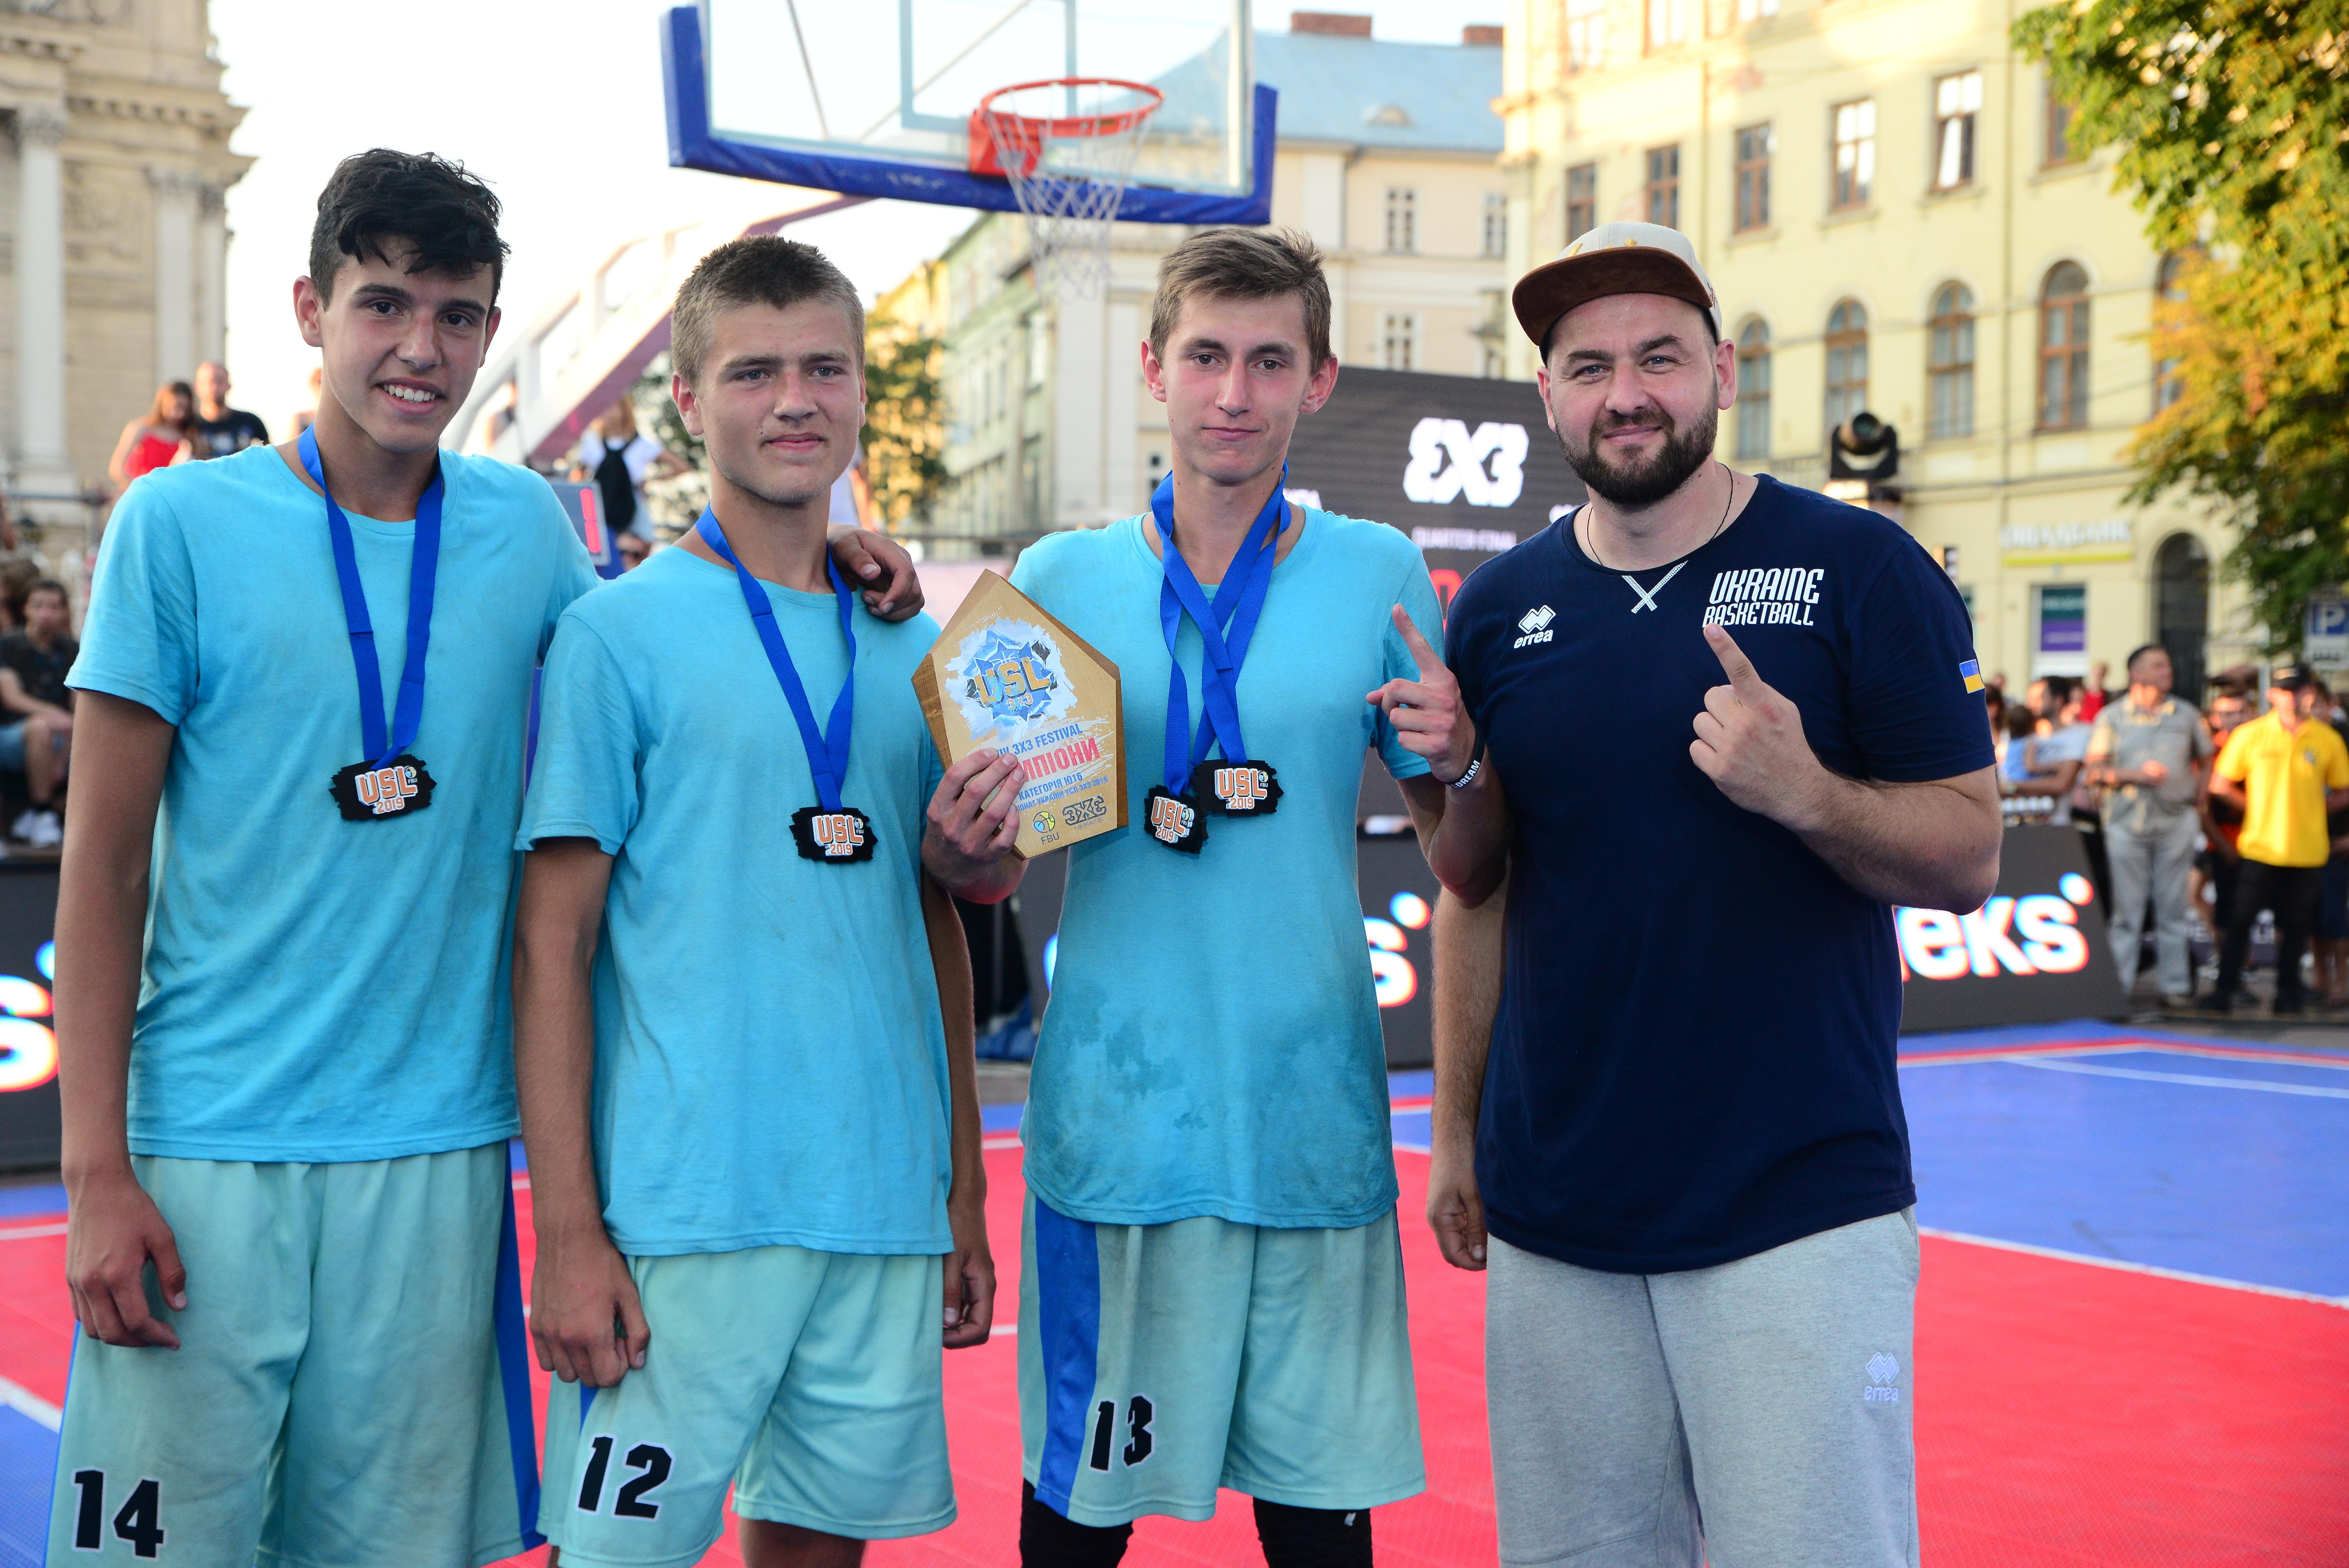 Визначено переможців категорій U-16 та U-18 на Lviv 3x3 Fest